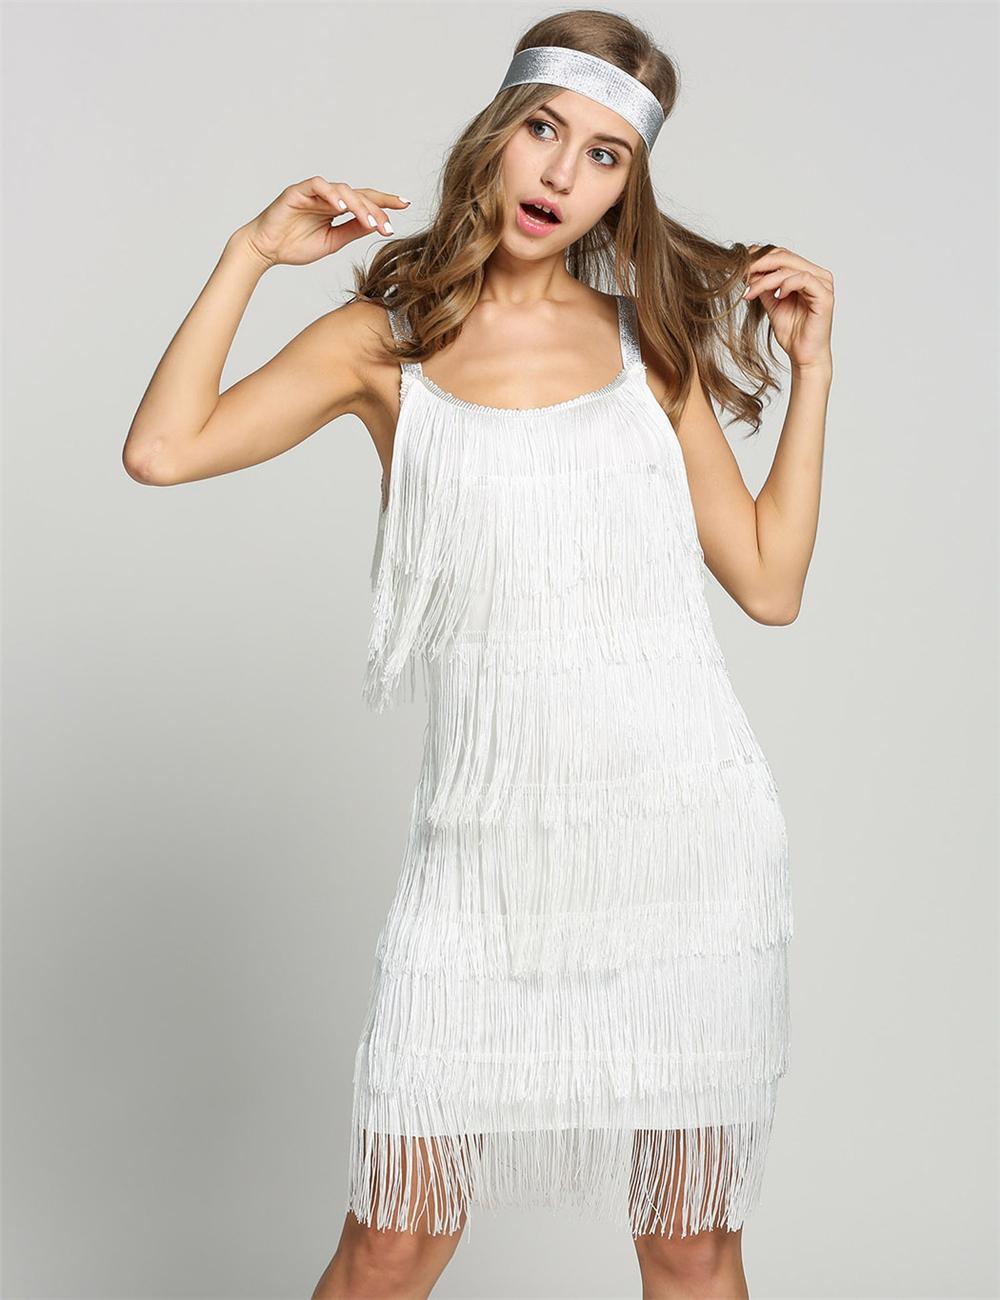 Spoločenské šaty + čelenka - 4 veľkosti, 3 farby - Obrázok č. 2